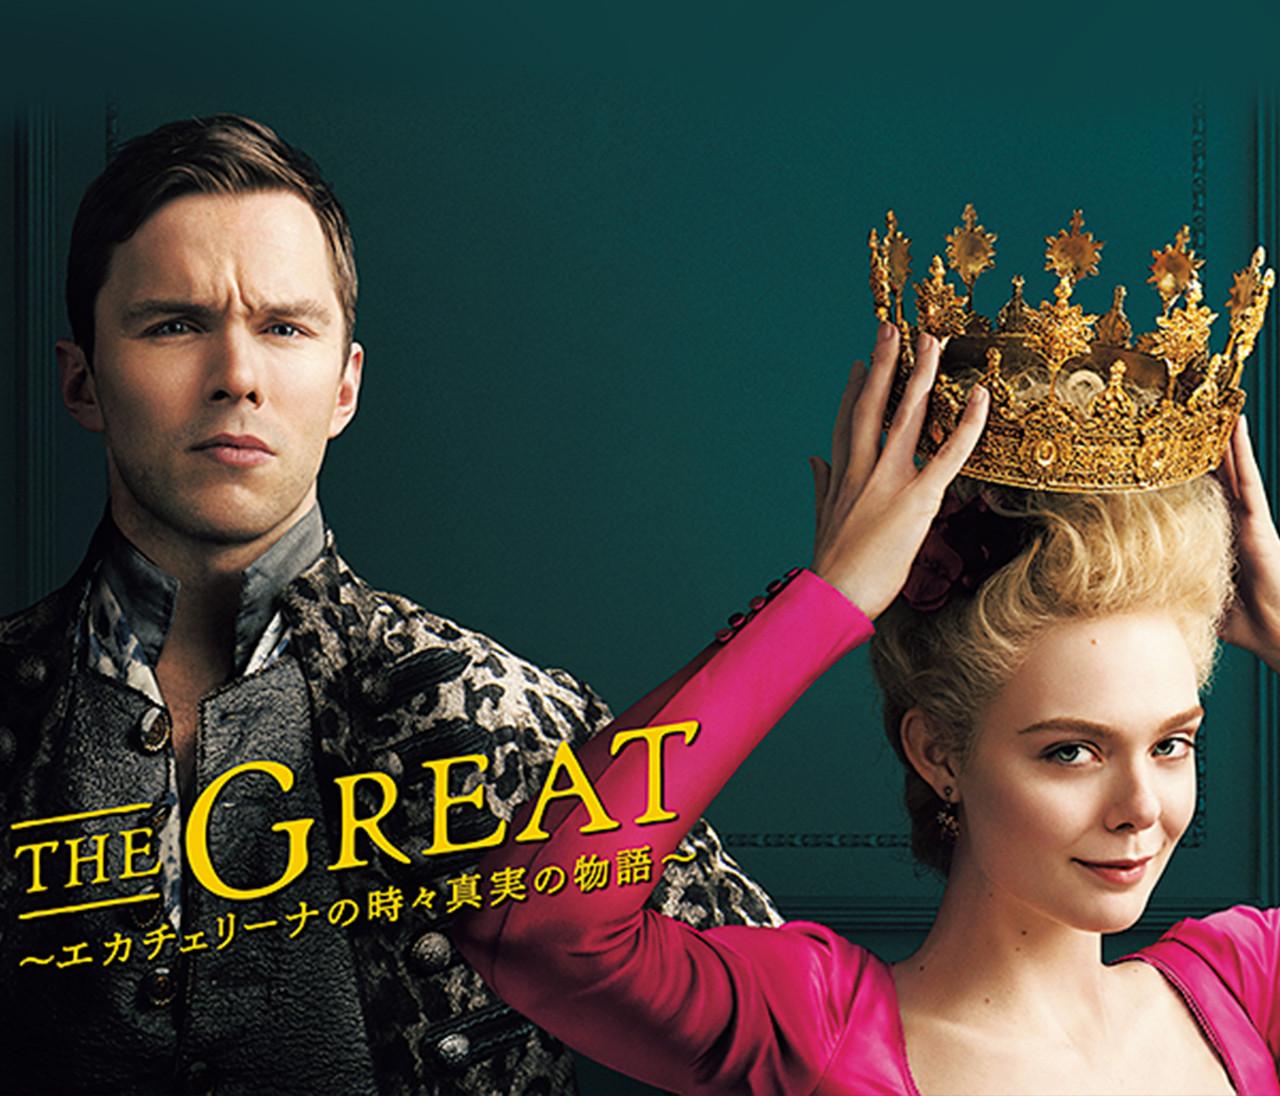 「マレフィセント」で人気の女優エル・ファニングが主演・宮廷ドラマ「THE GREAT 〜エカチェリーナの時々真実の物語〜」が面白い!【海外ドラマナビ】